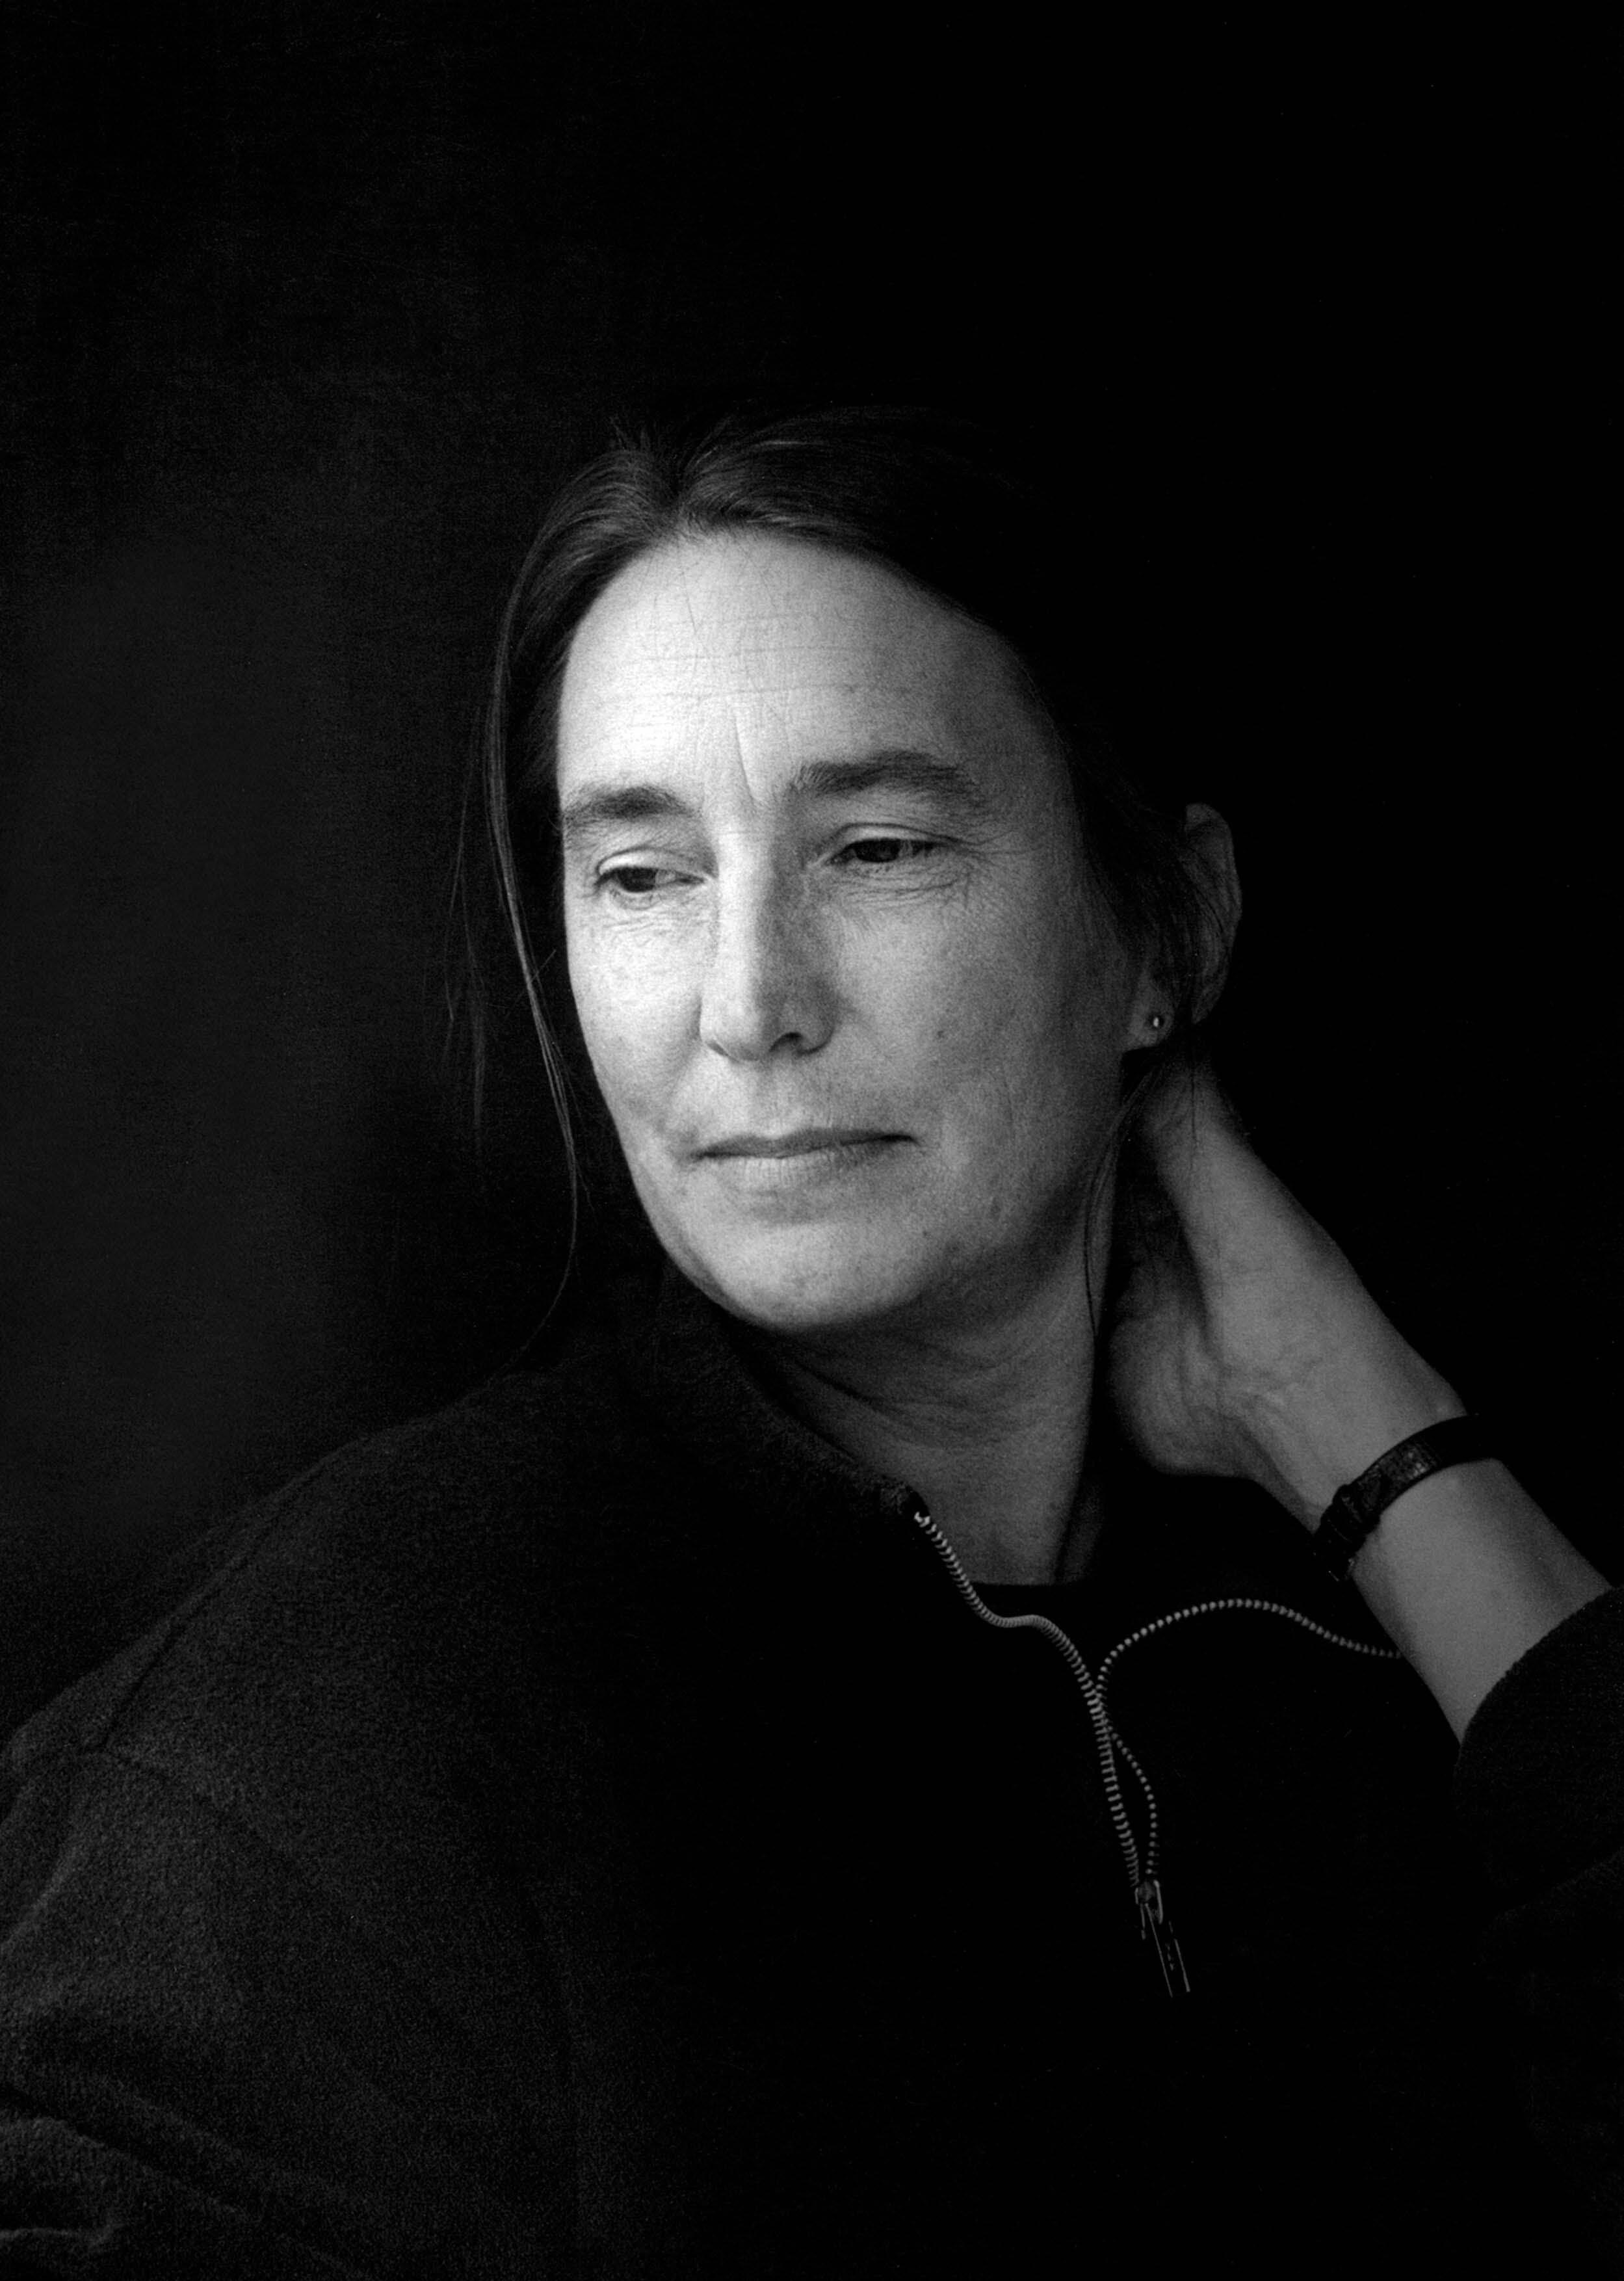 Jenny Holzer. Photo : Nanda Lanfranco © Jenny Holzer. ARS, NY and DACS, London 2019